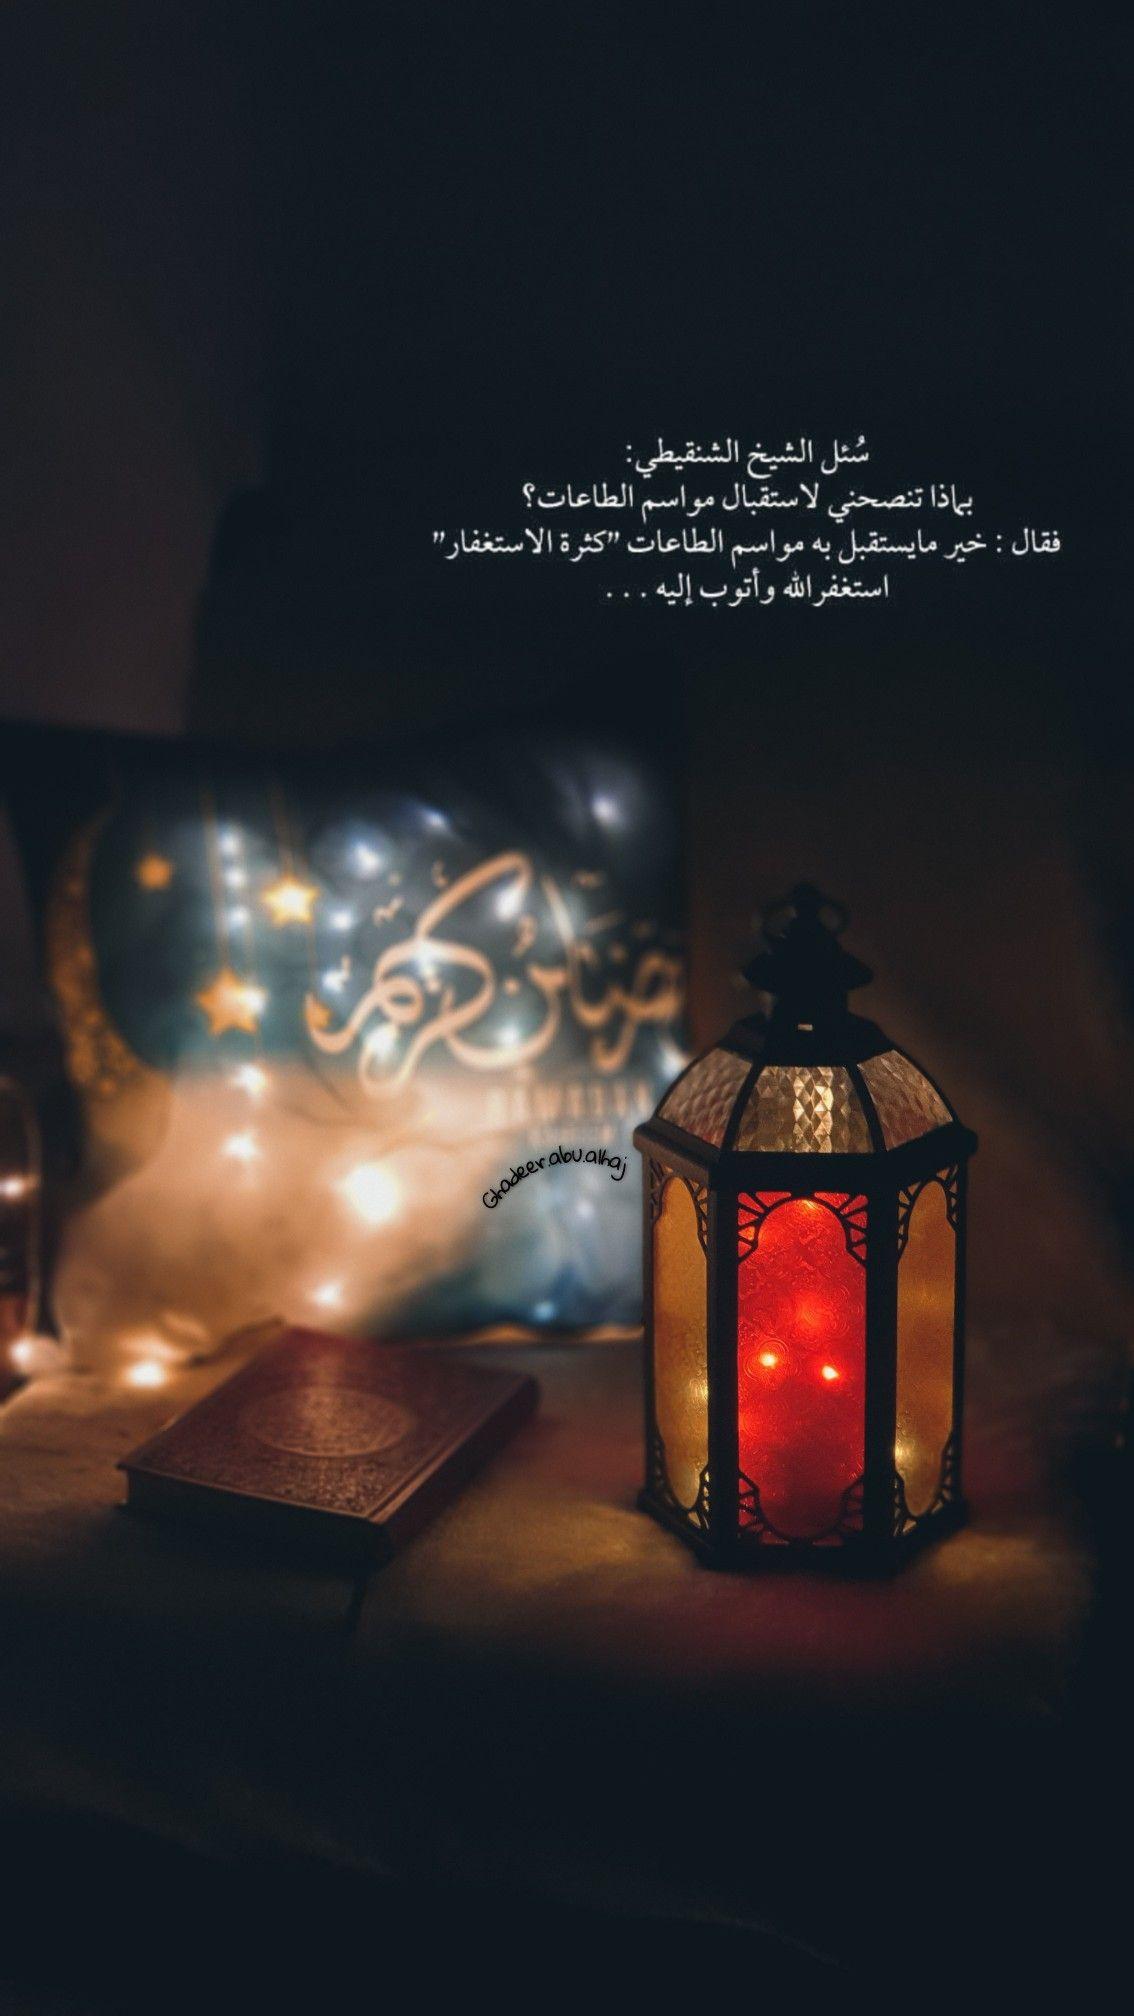 رمضانيات رمضان كريم رمضان فانوس In 2021 Instagram Photo And Video Instagram Photo